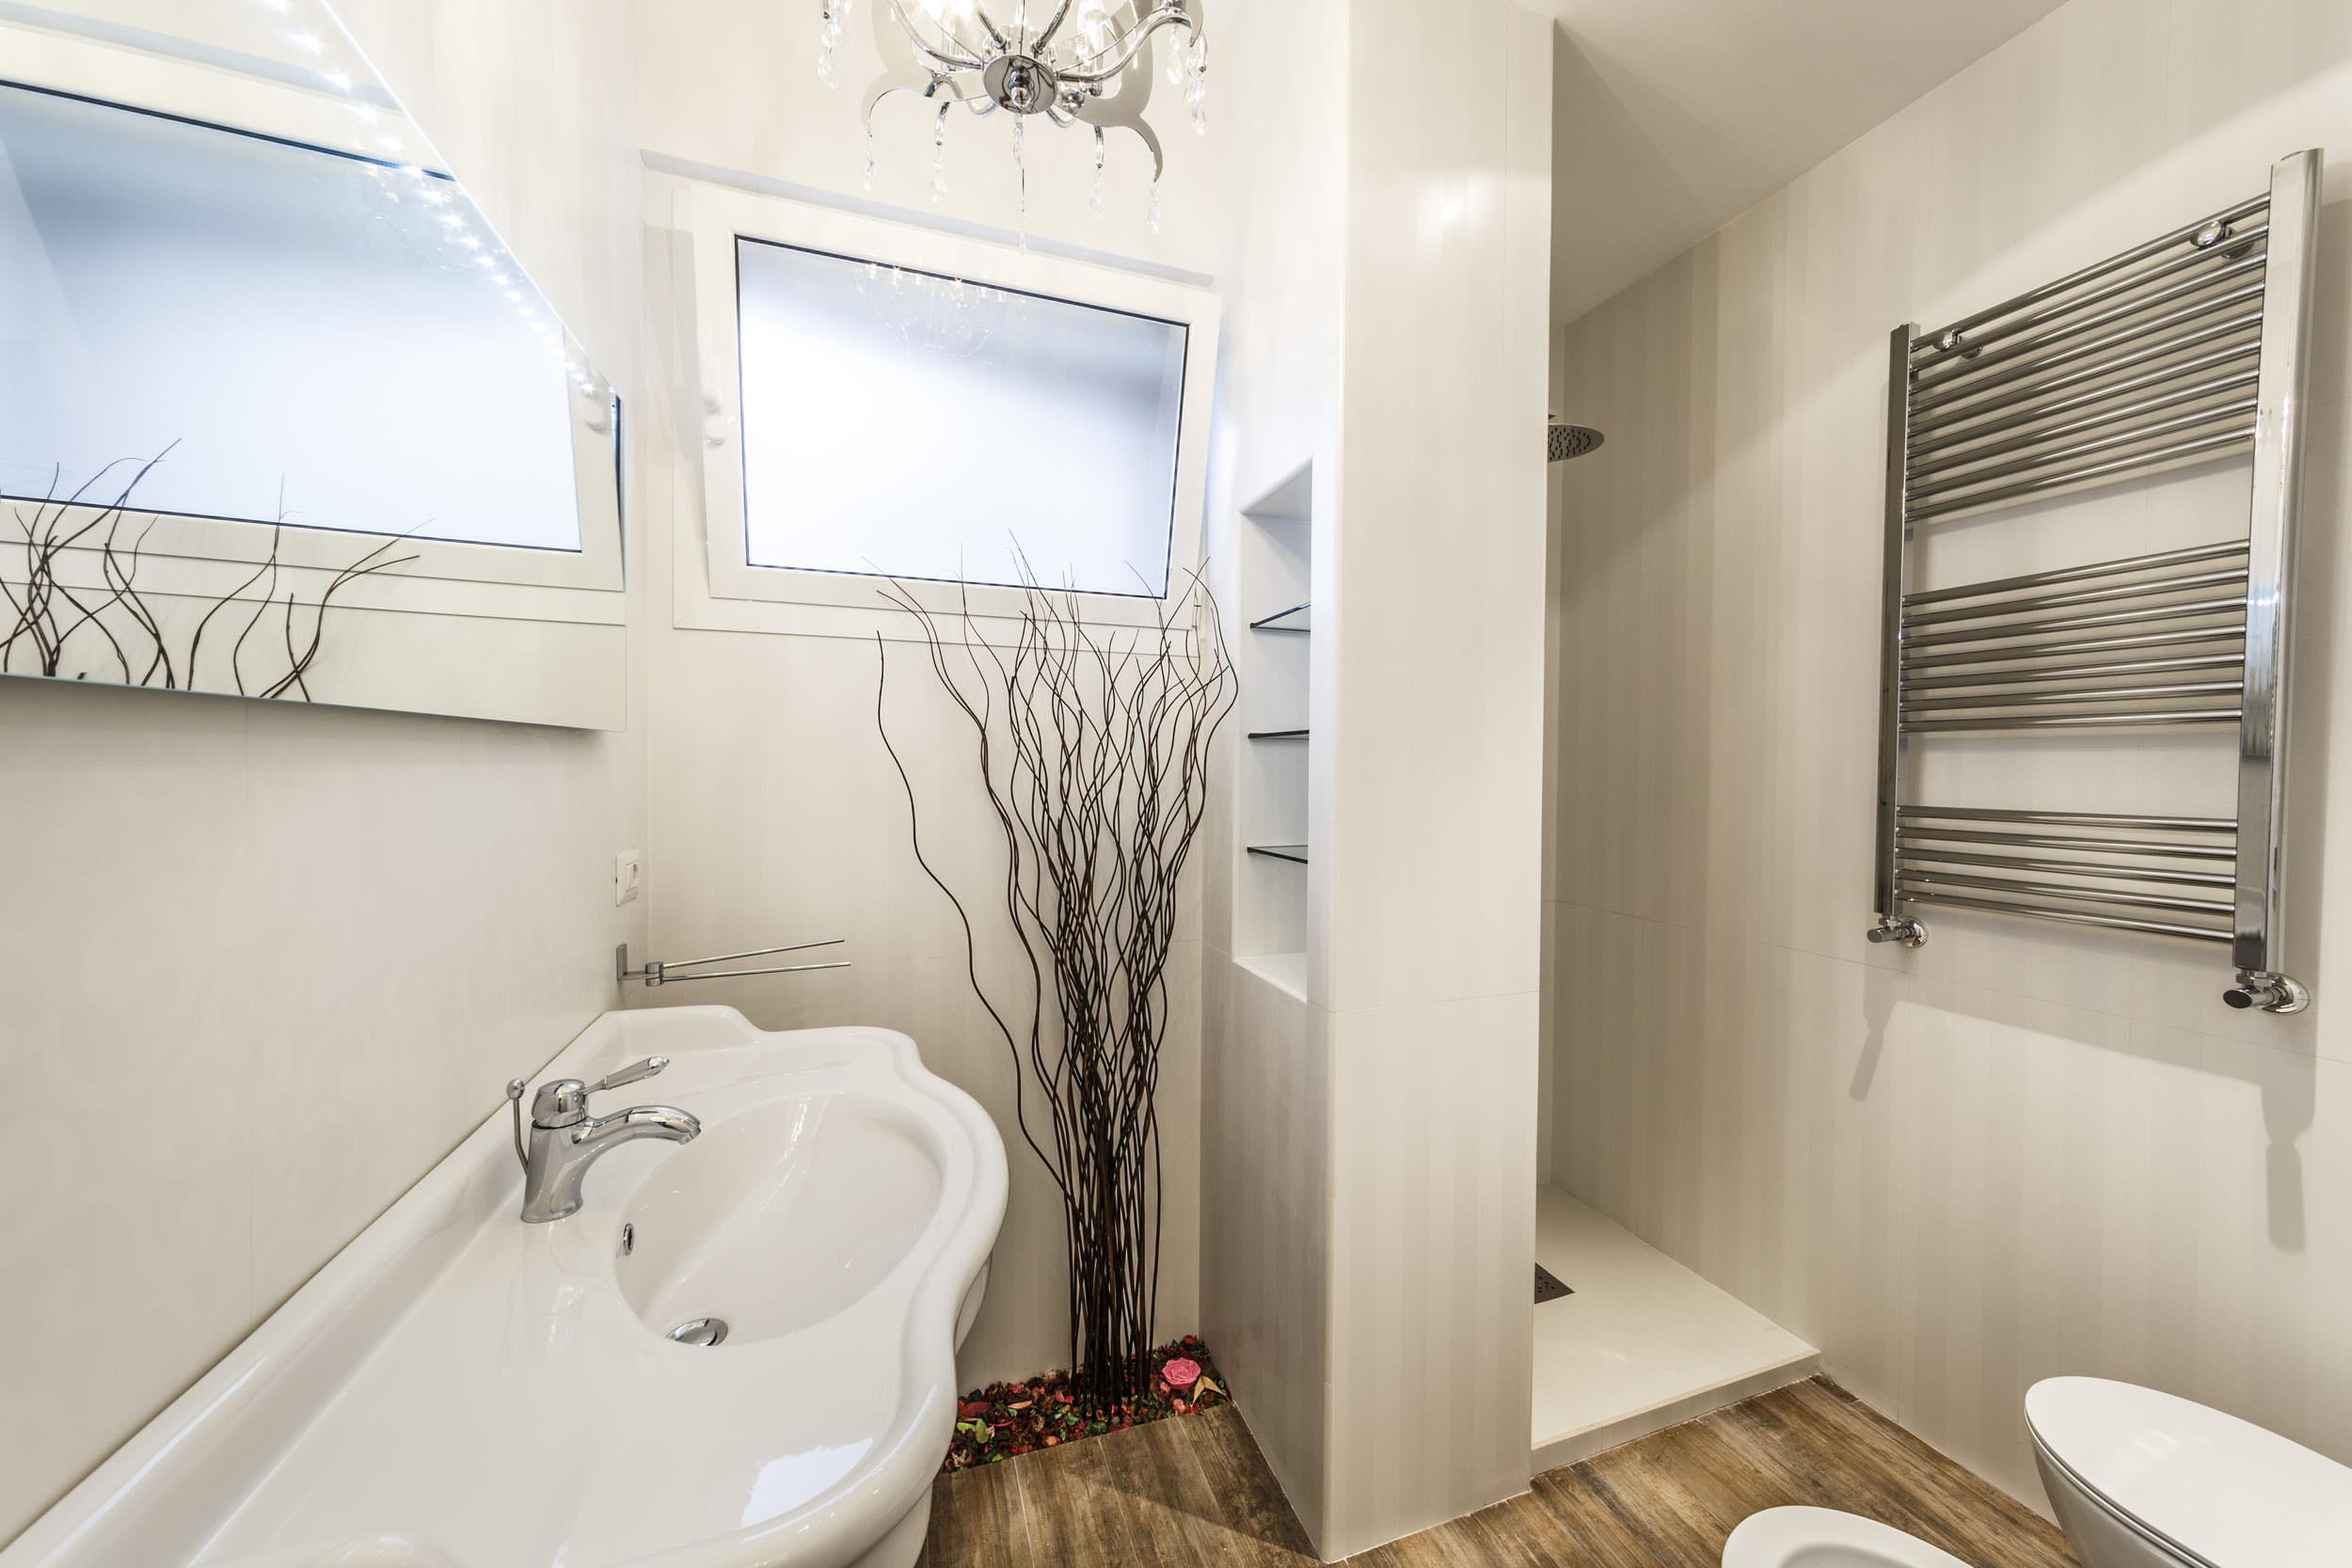 moderen-italianski-apartament-s-izobilie-ot-zelenina-912g